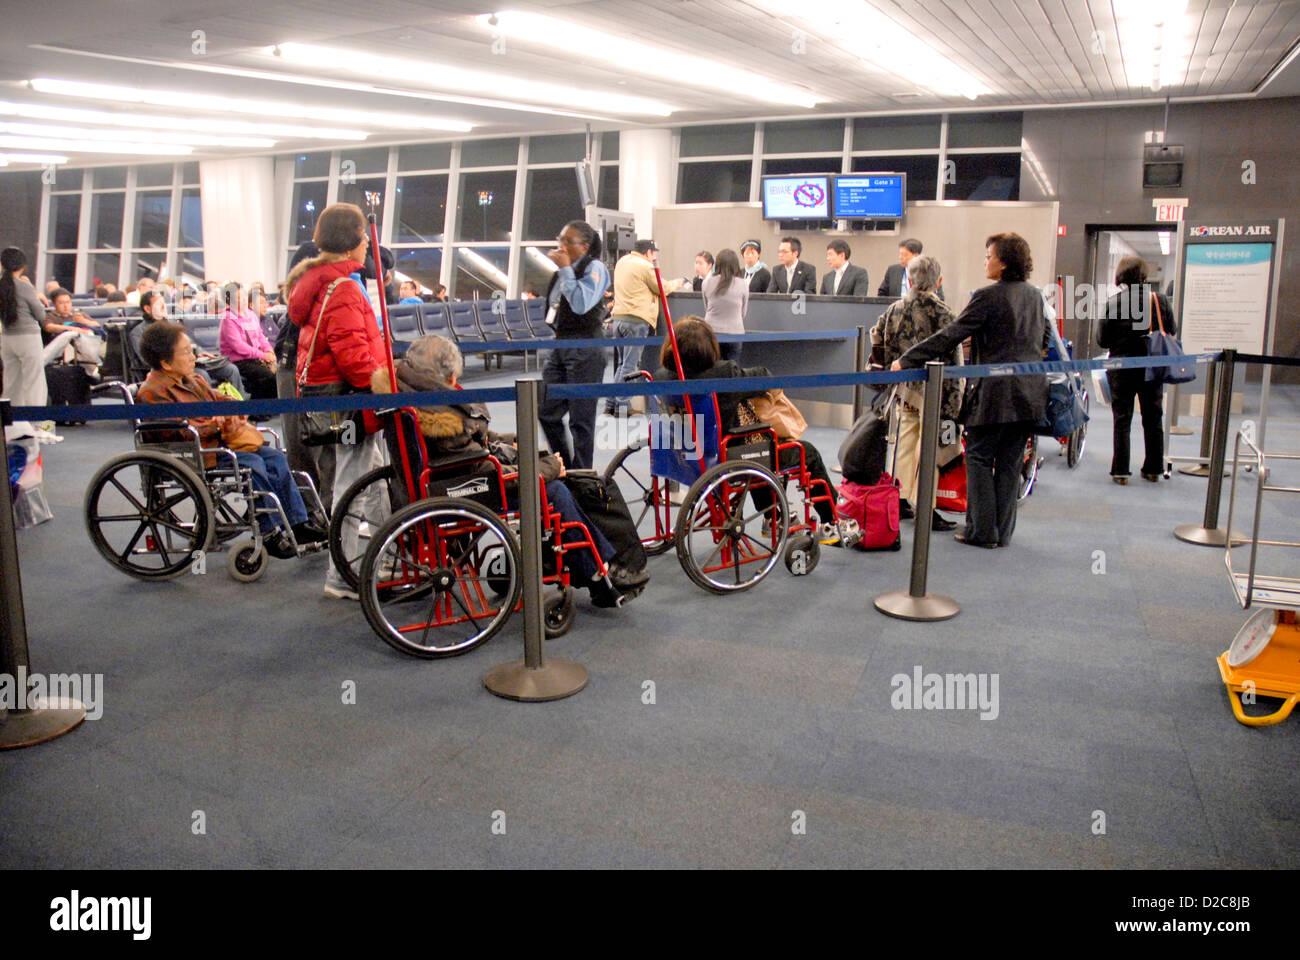 Wheelchairs At Airport Gate, Jfk International Airport, New York - Stock Image